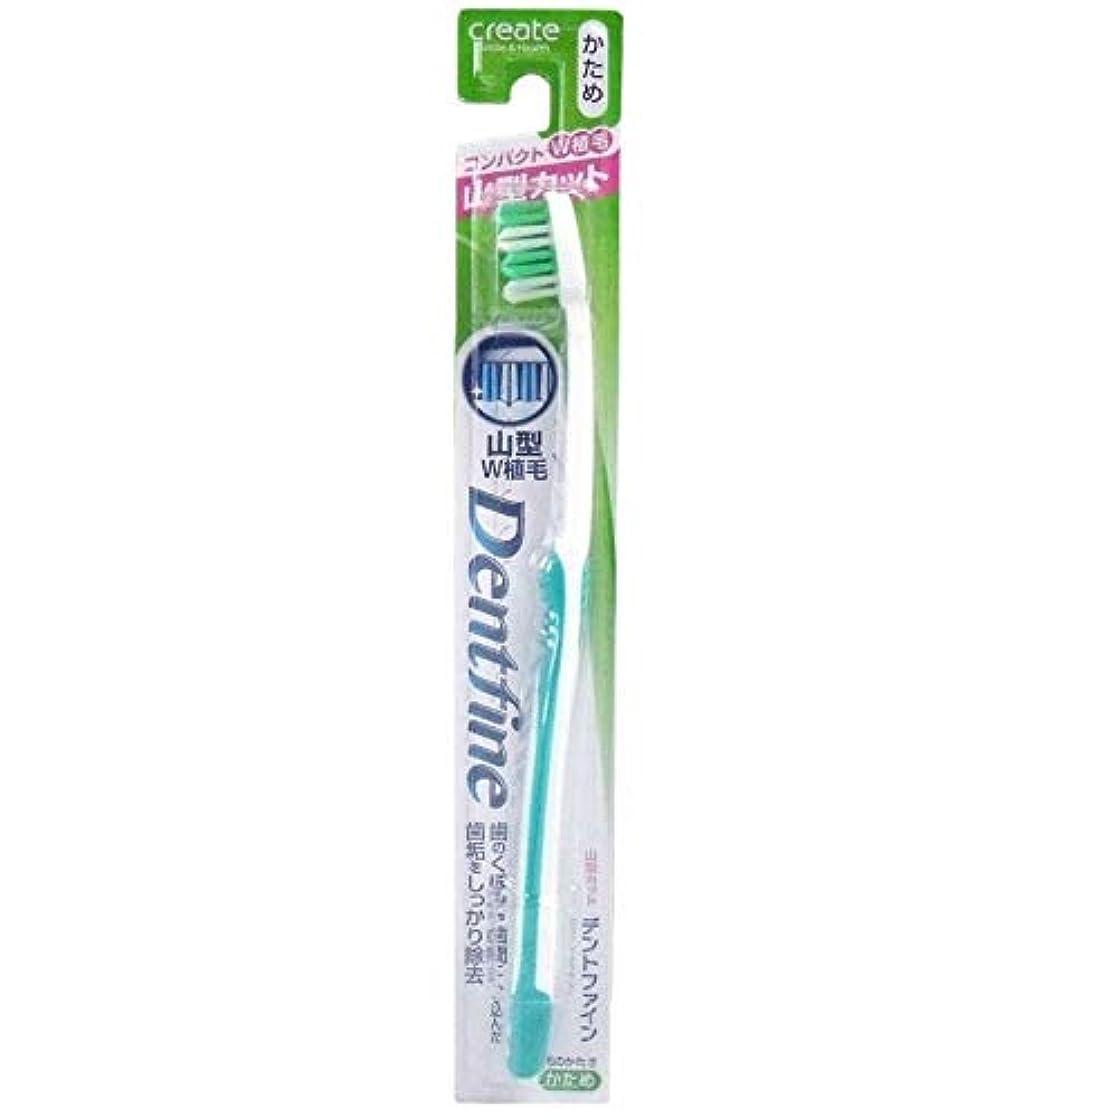 忌み嫌うファセット同封するデントファイン ラバーグリップ 山切りカット 歯ブラシ かため 1本:グリーン